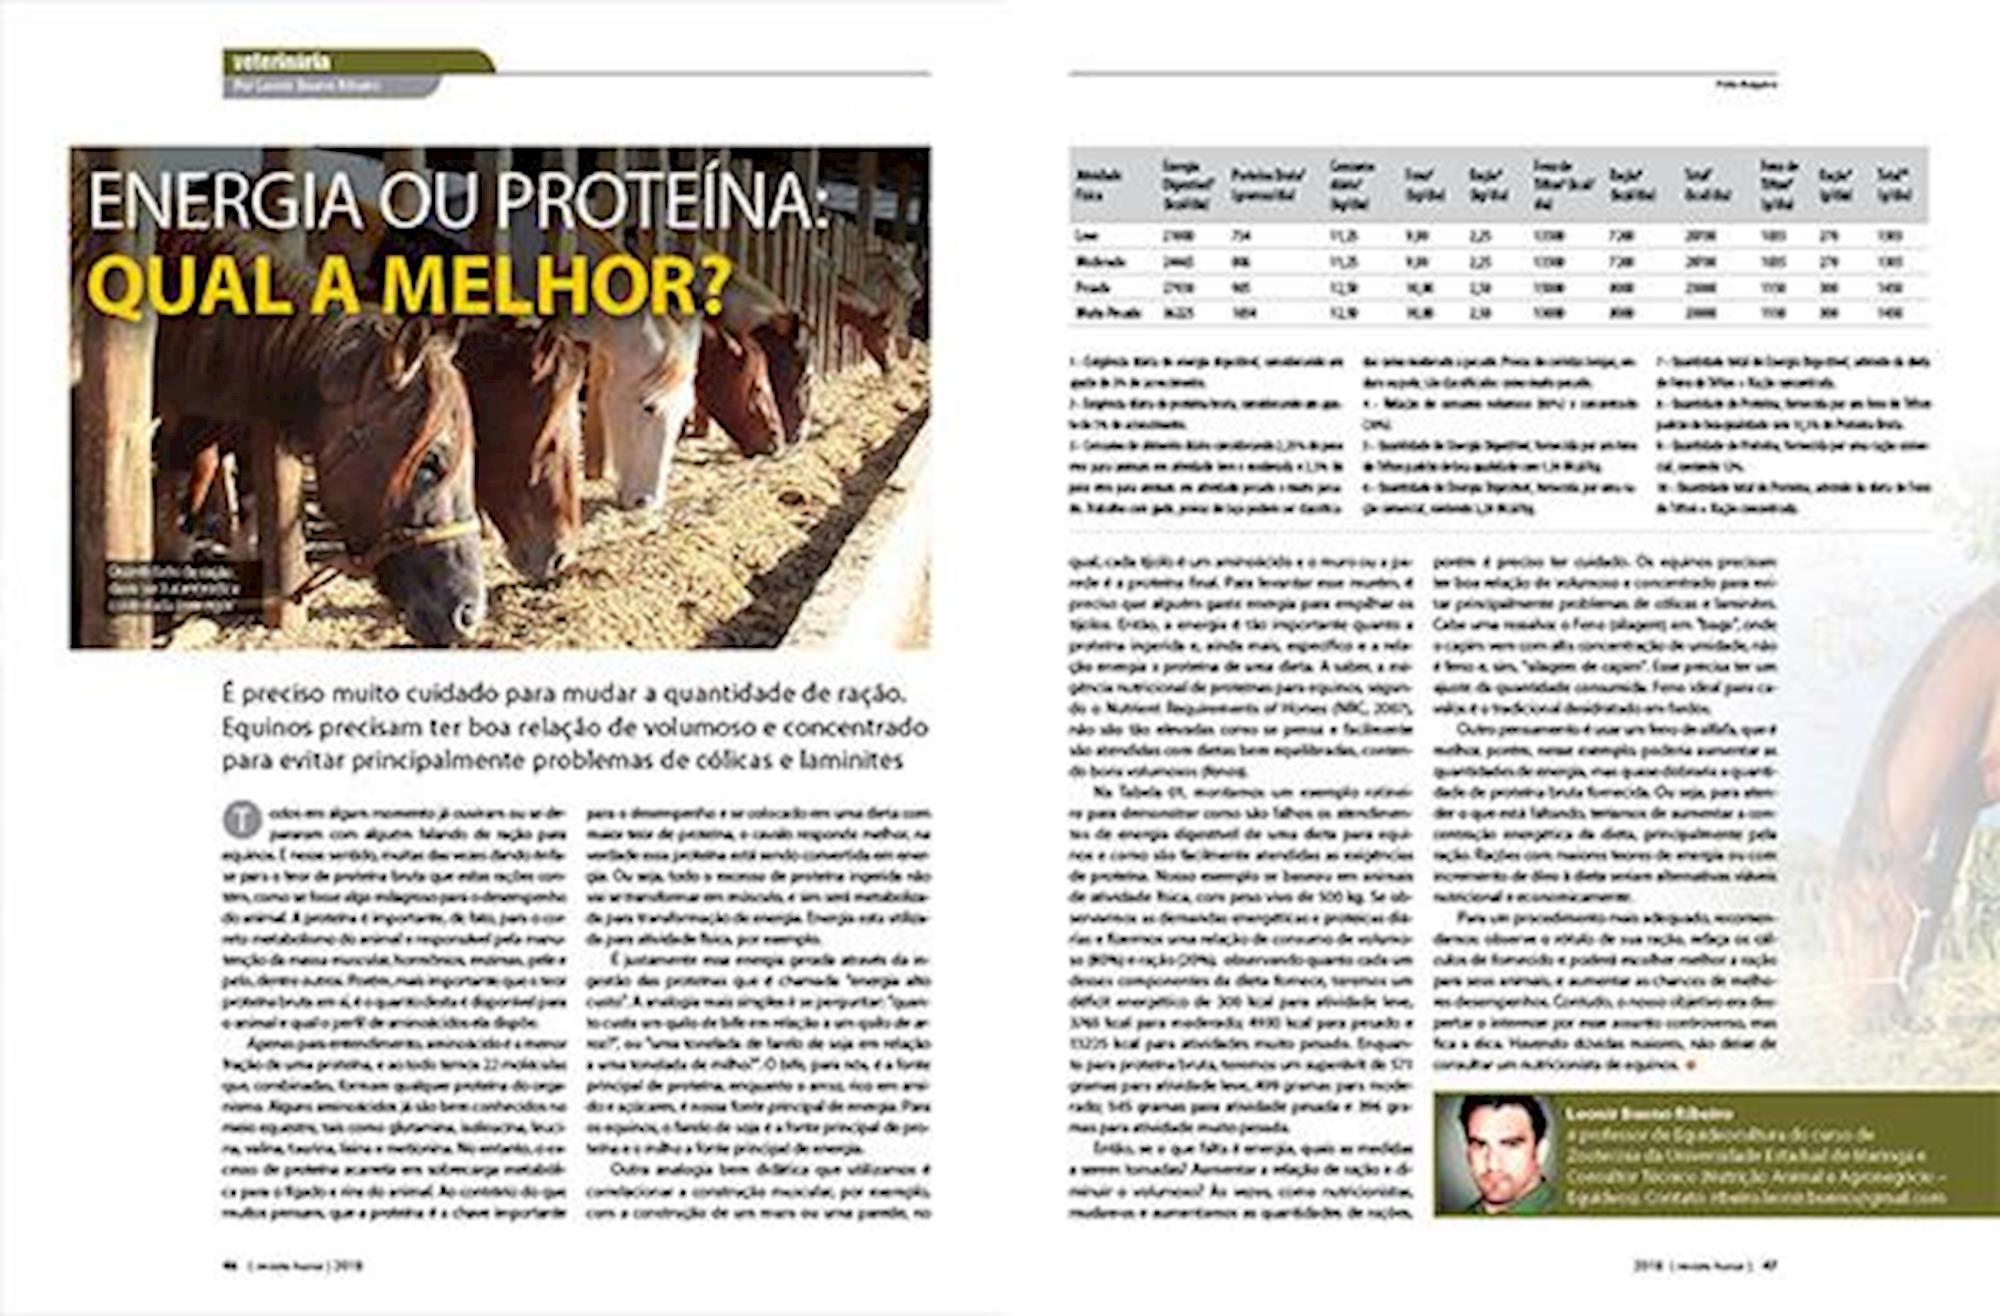 edição 106, Revista Horse, Nutrição animal, cavalos,